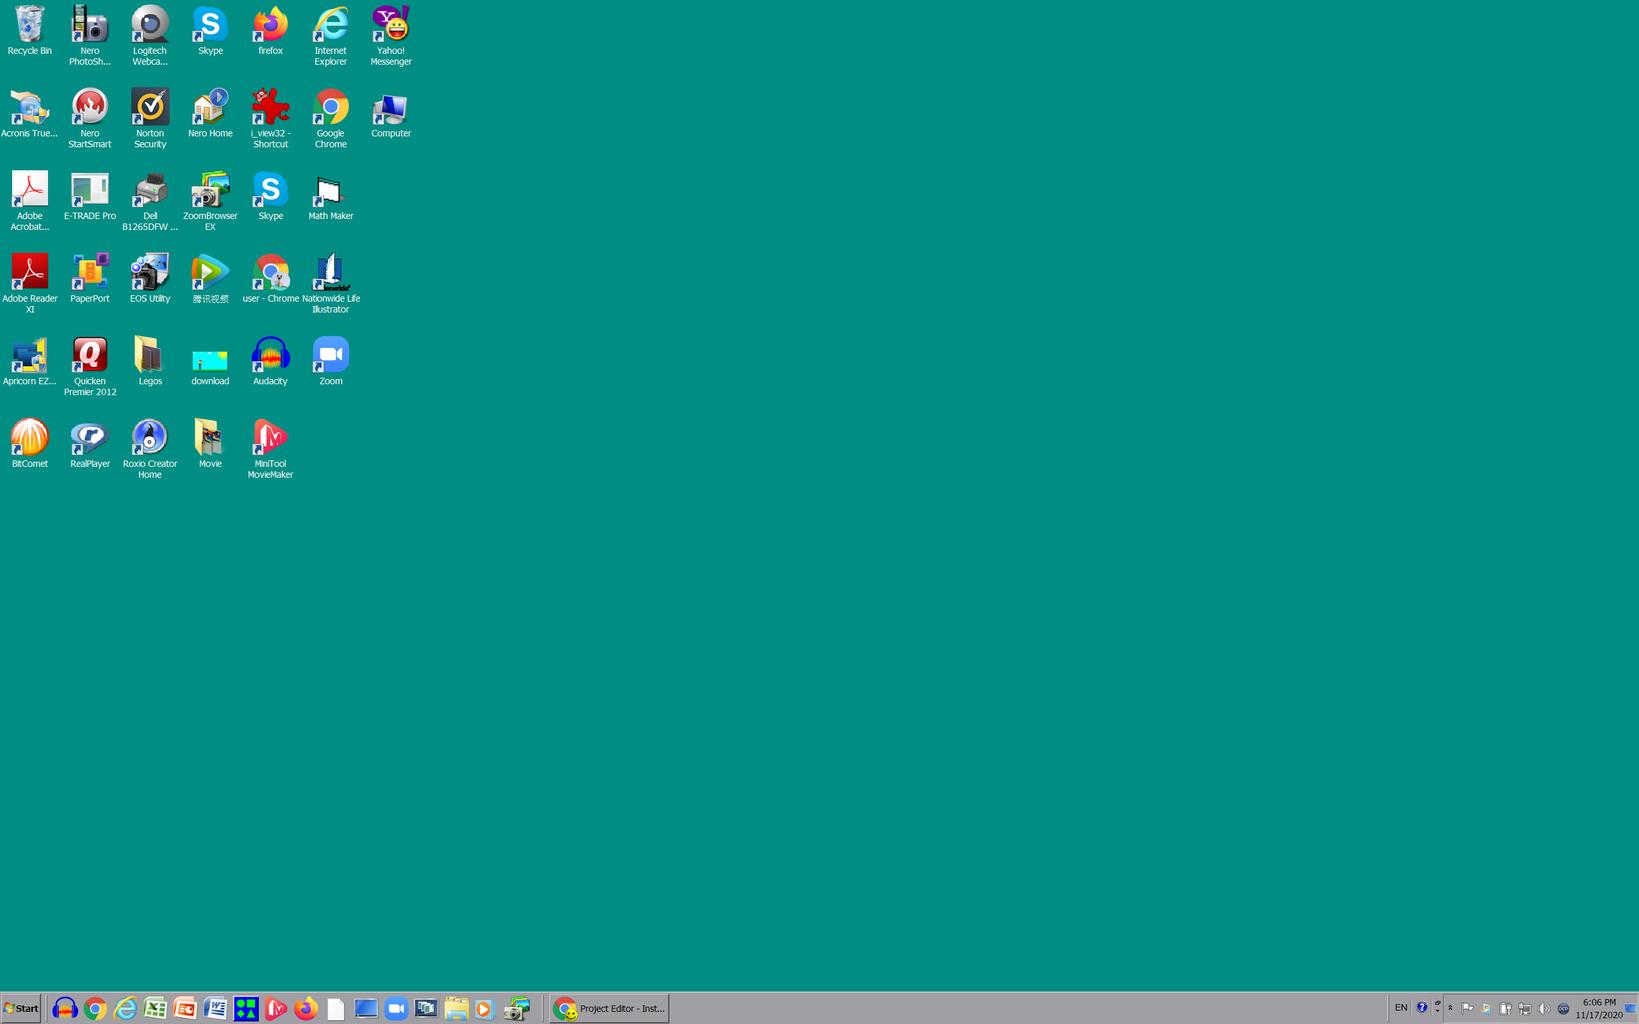 Make It Look Like Windows 98(optional)